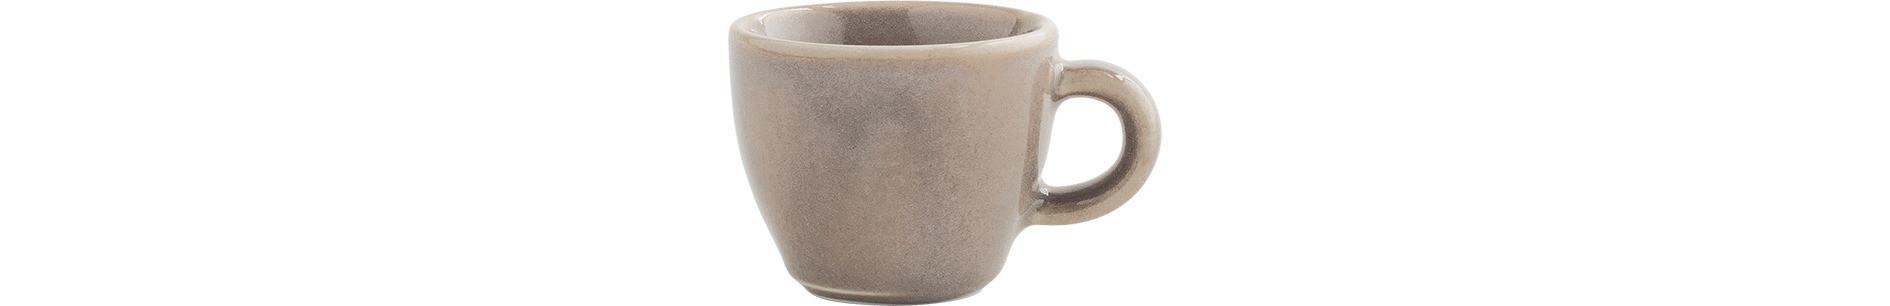 Homestyle, Espressotasse ø 60 mm / 0,03 l desert sand